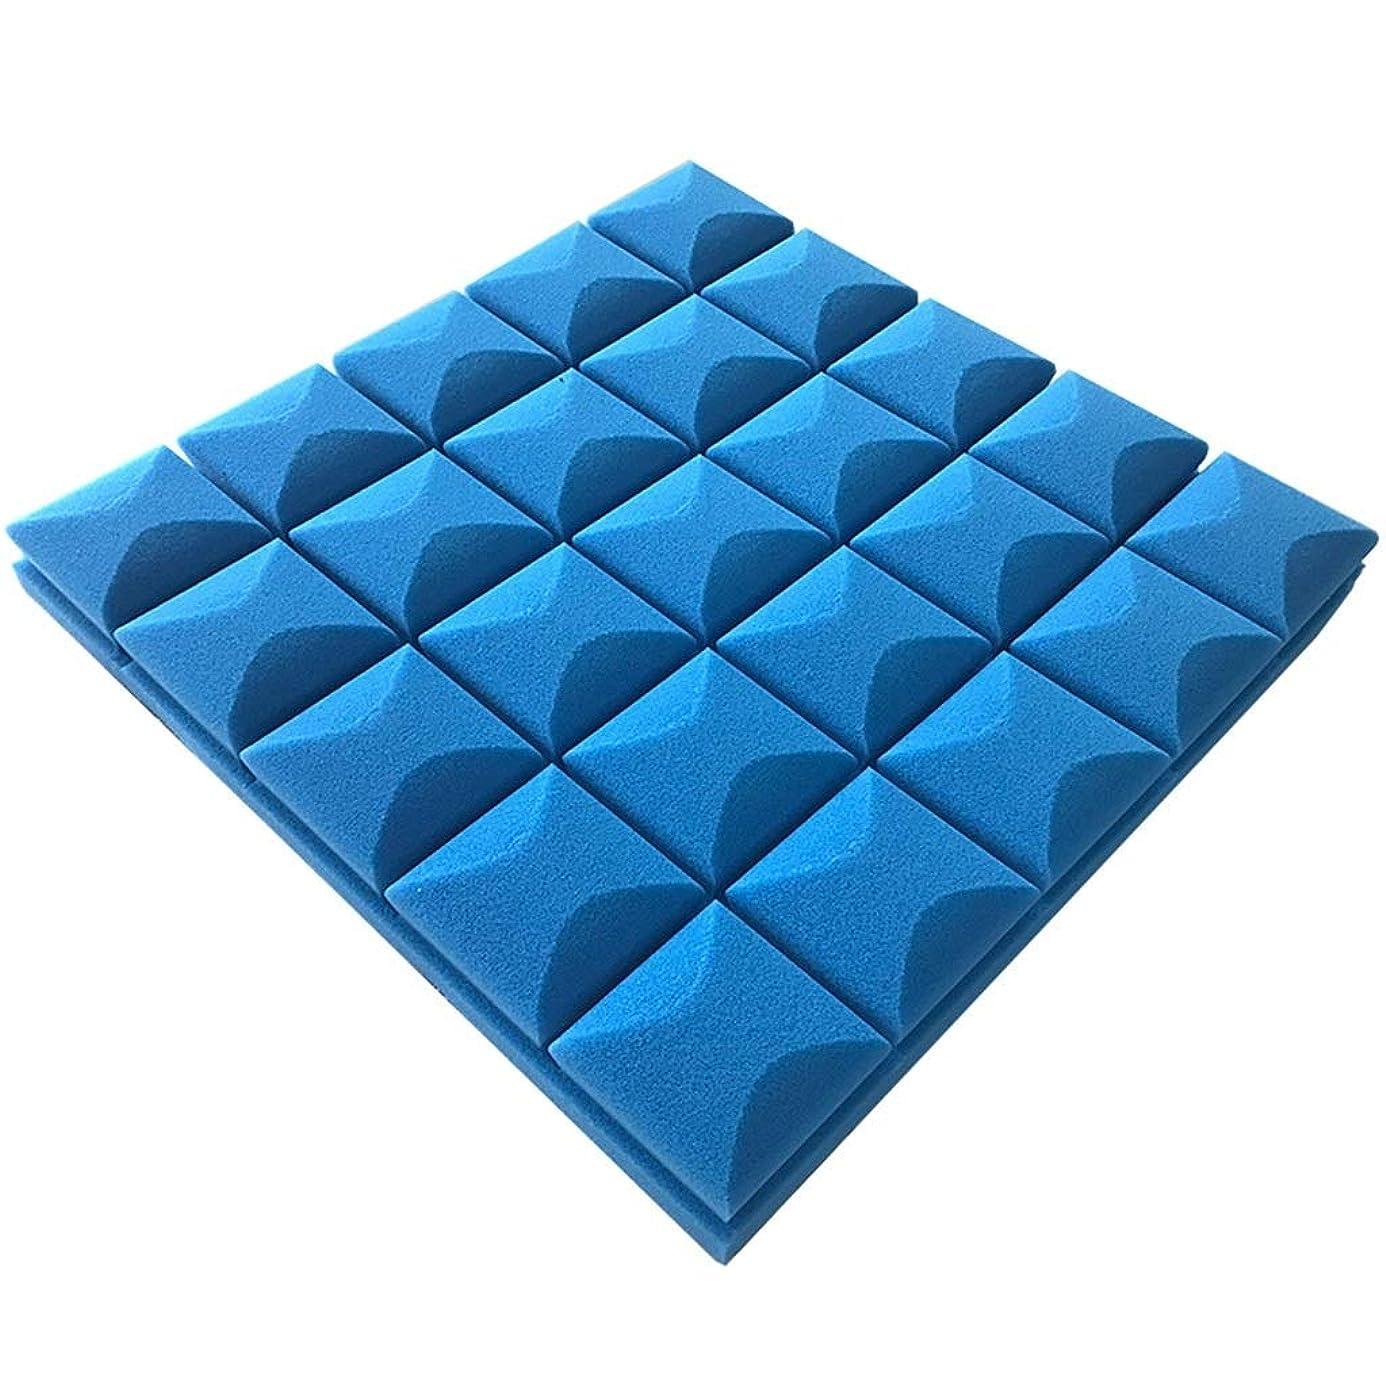 ロードブロッキングアーク道路壁音響パネル、(10PCS)カラーソフトホテルレコーディングスタジオ屋内簡単インストール吸音綿/ 2.5平方メートル (Color : Blue)